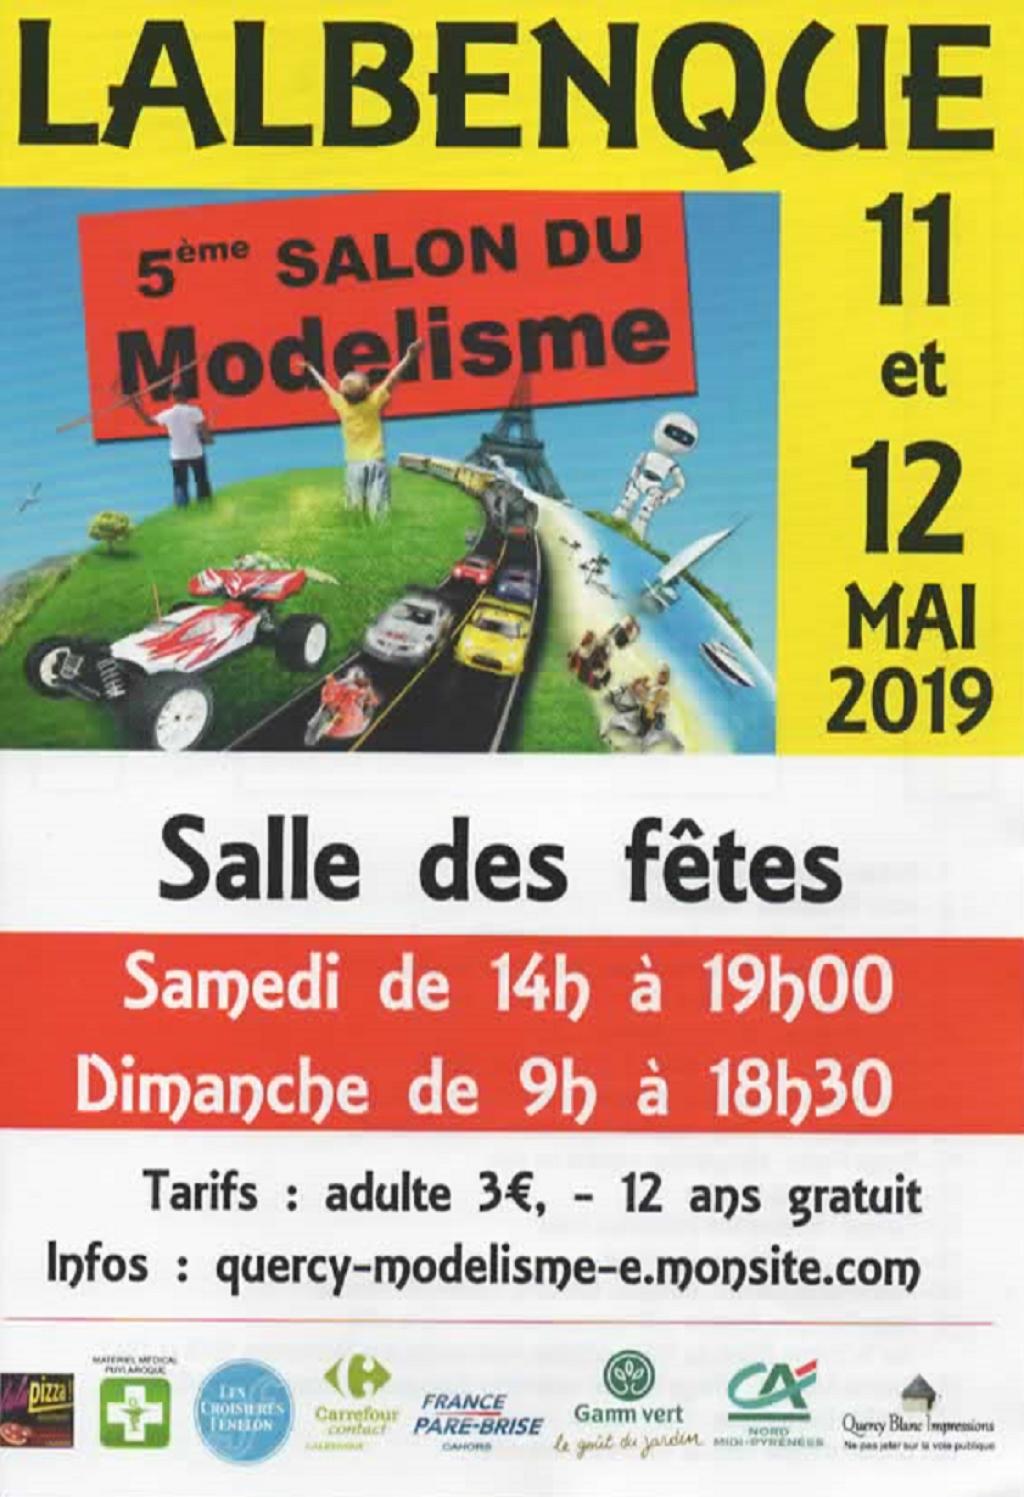 Salon du Modelisme LALBENQUE (Lot) 11 et 12 mai 2019 2019-lalbenque-56167fa